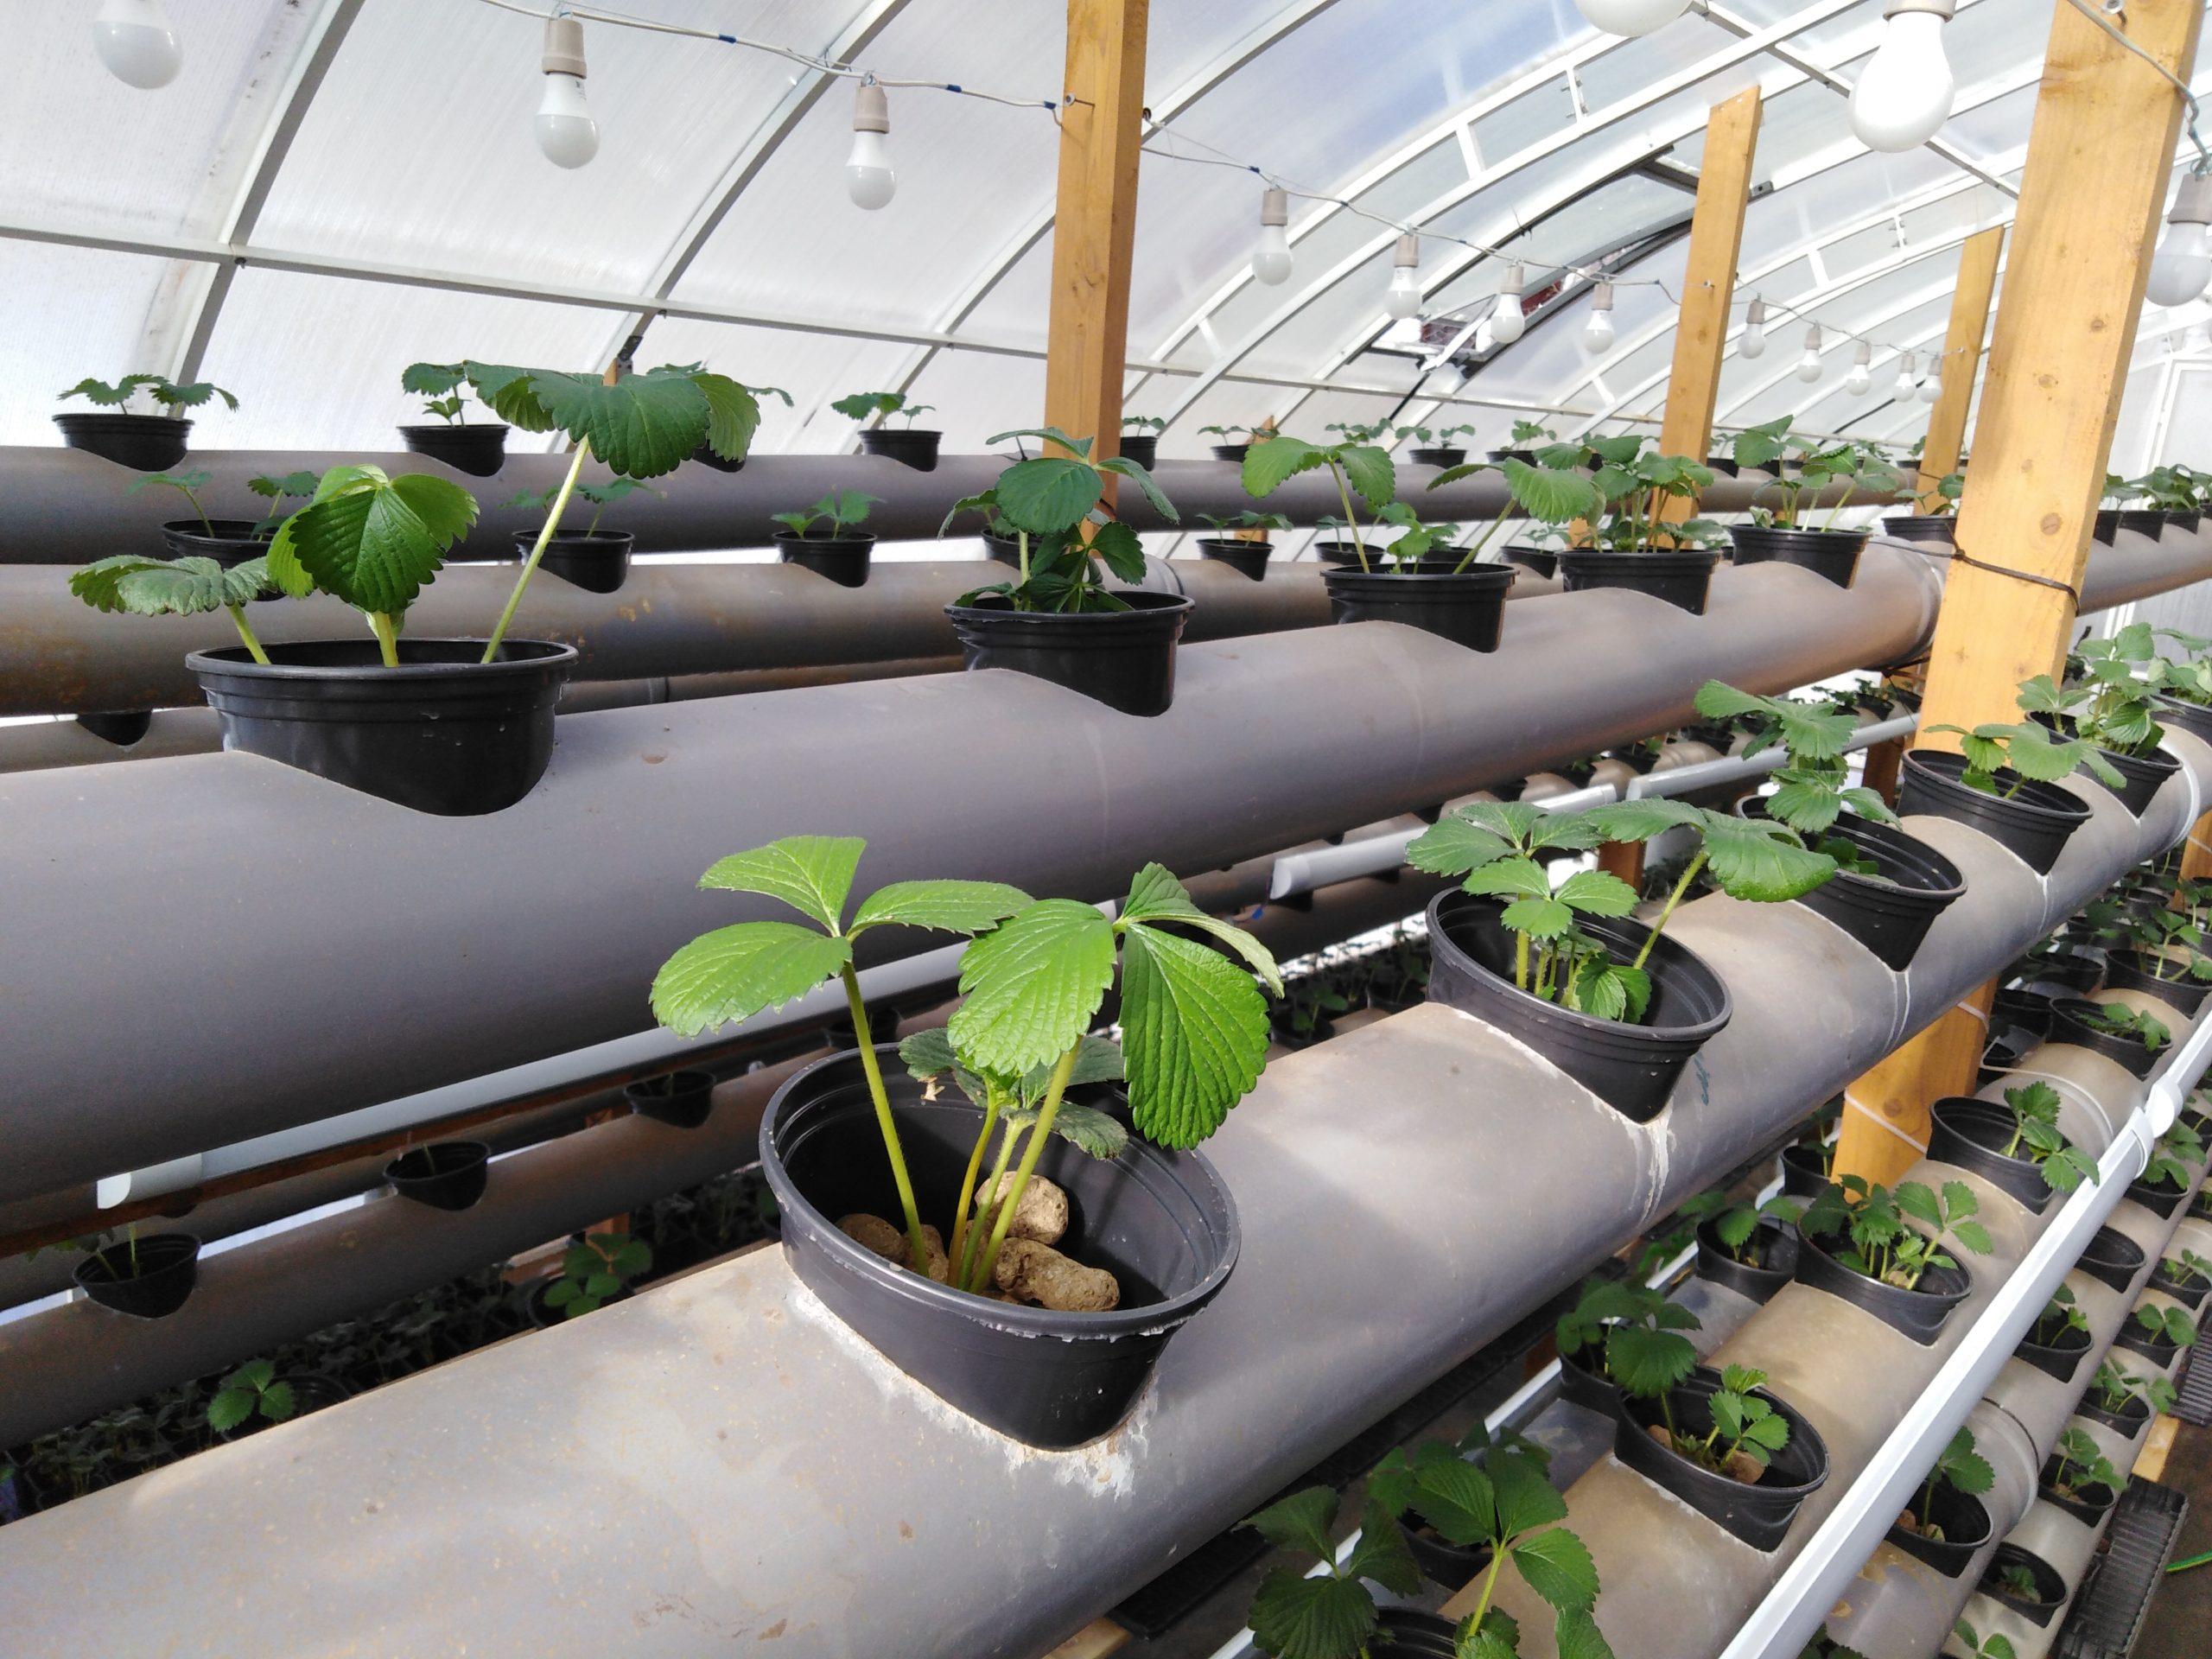 Гидропонная система для выращивания клубники от Ocean Spray